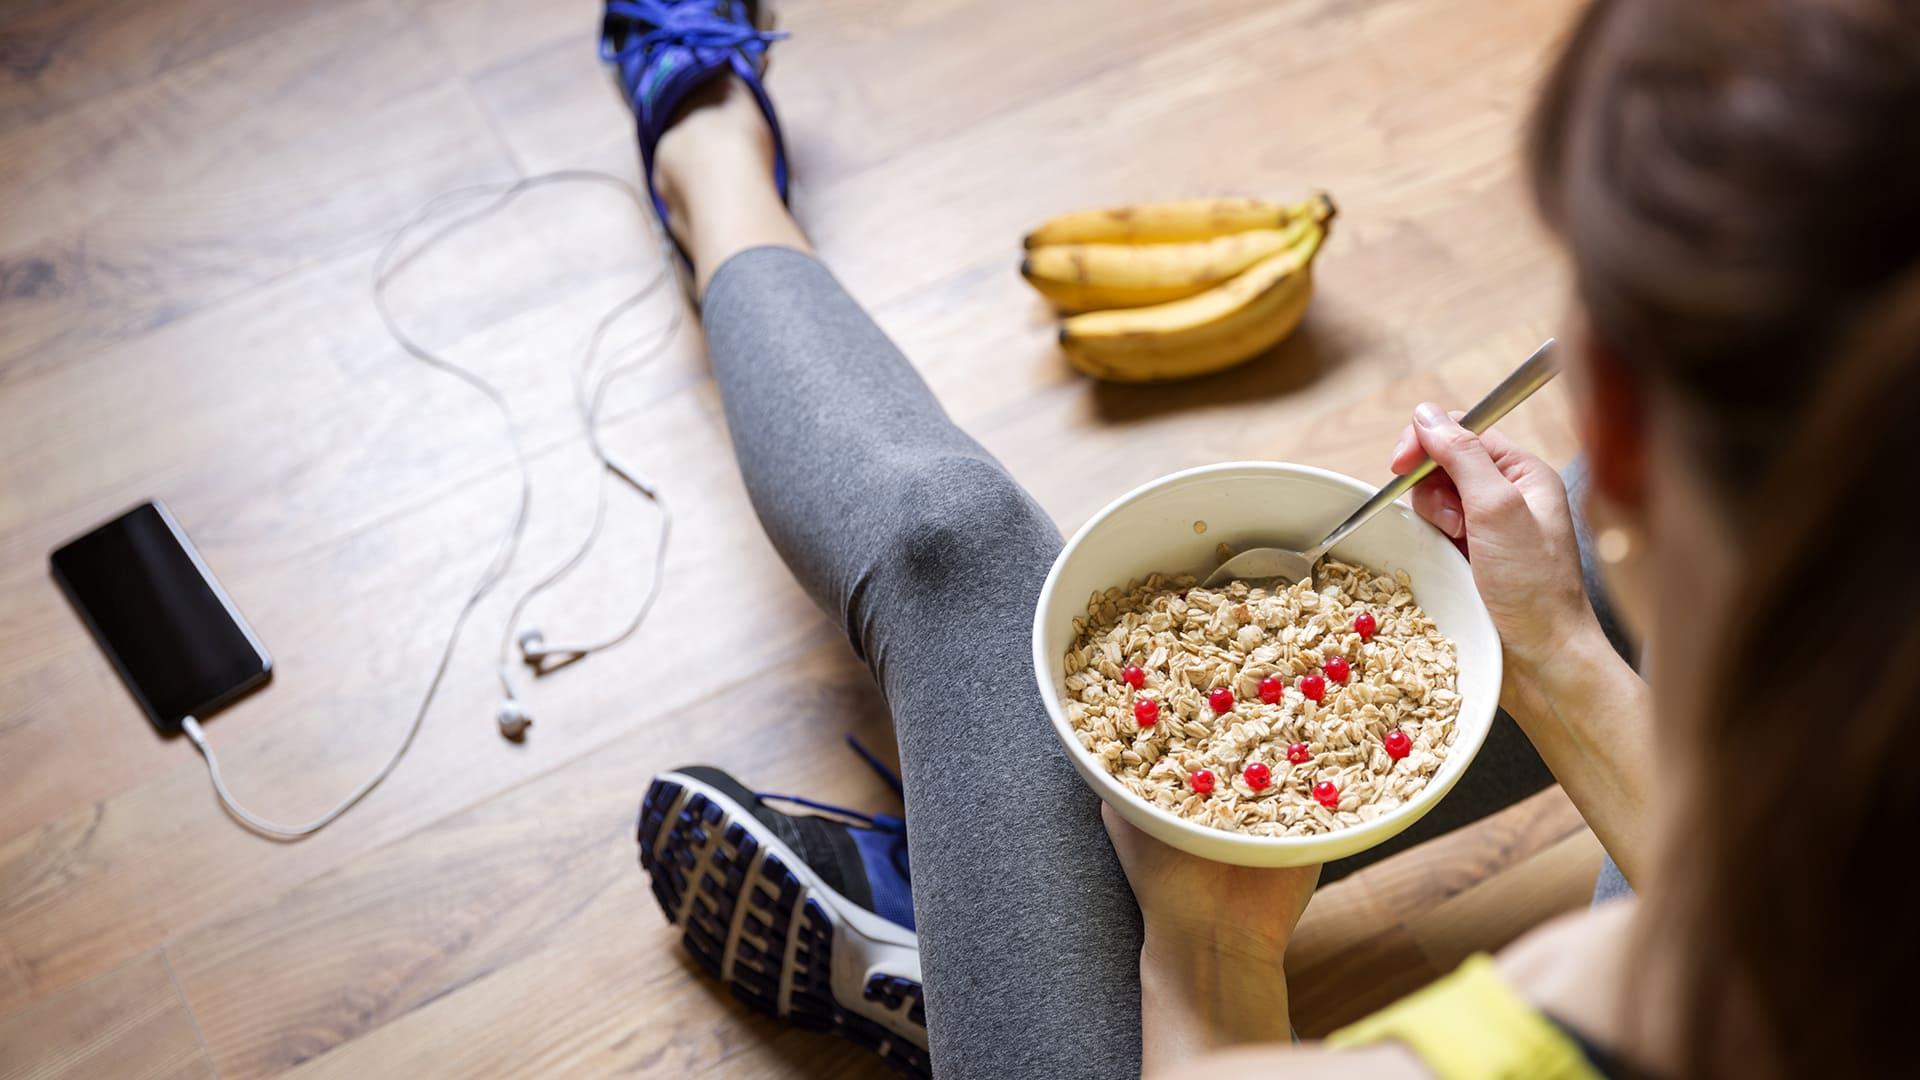 Spis riktig om du vil ha definerte muskler